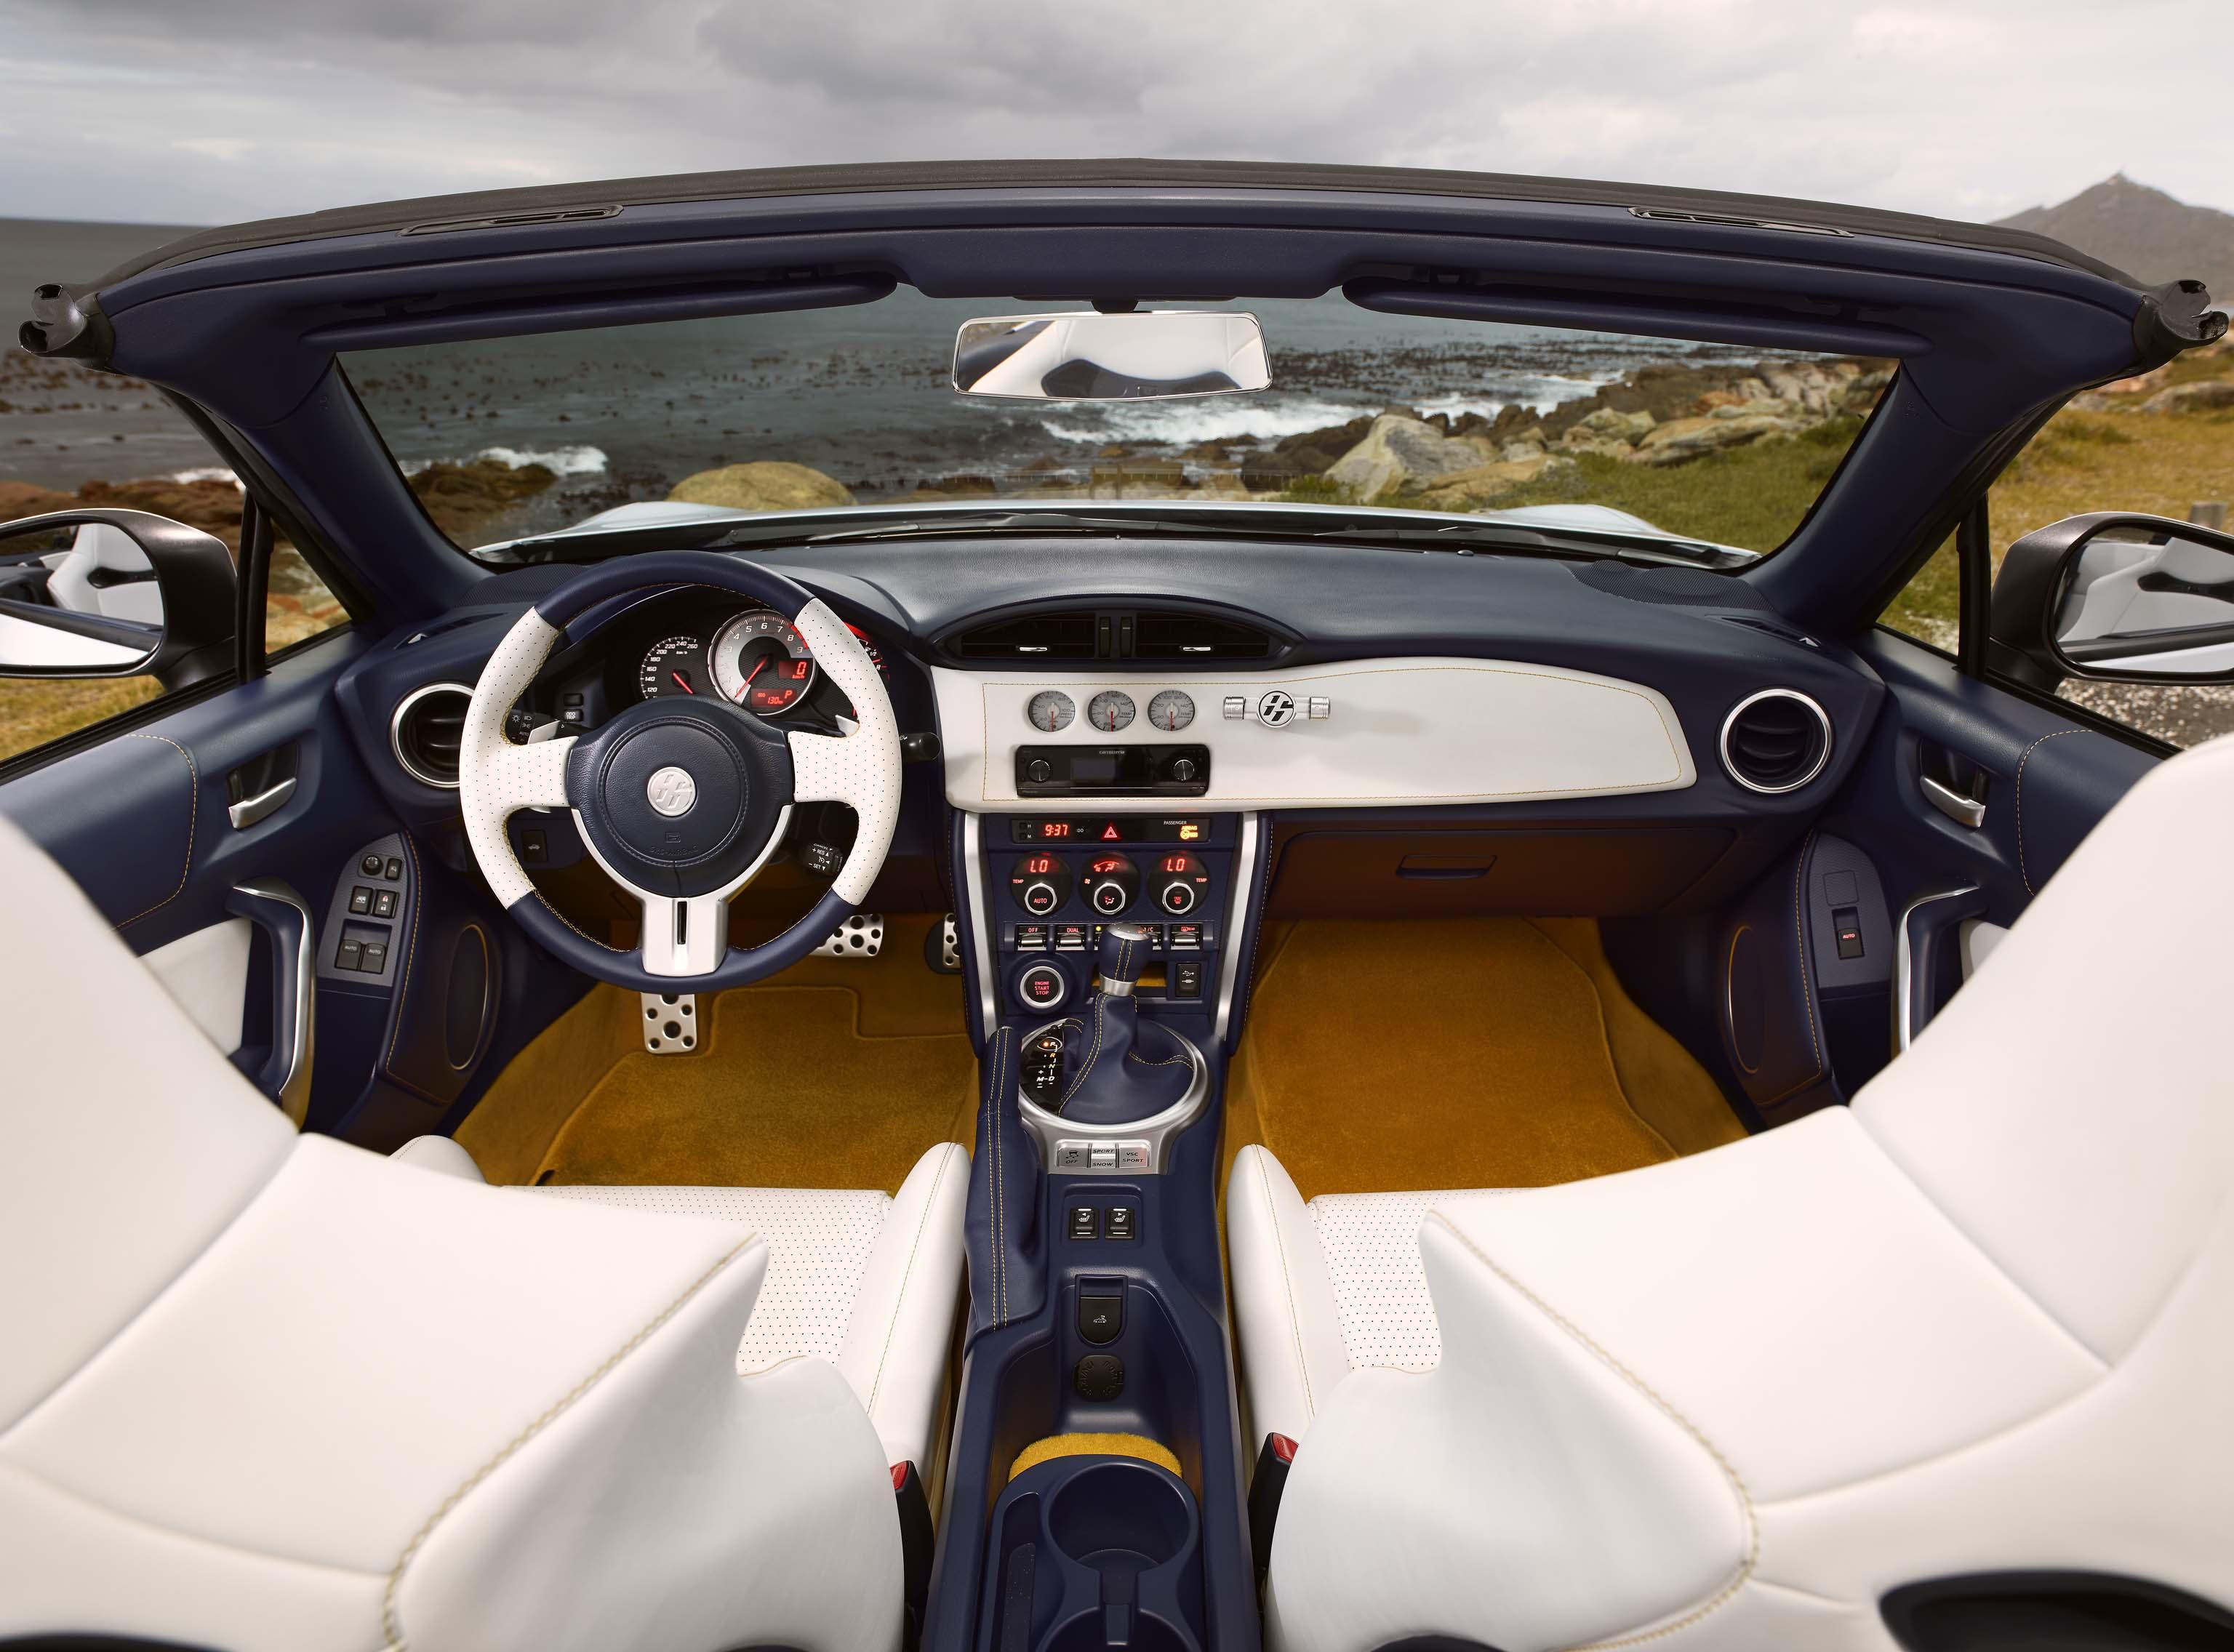 http://images.caradisiac.com/images/4/8/6/3/84863/S0-Salon-de-Geneve-2013-Le-concept-Toyota-FT-86-Open-se-montre-286781.jpg